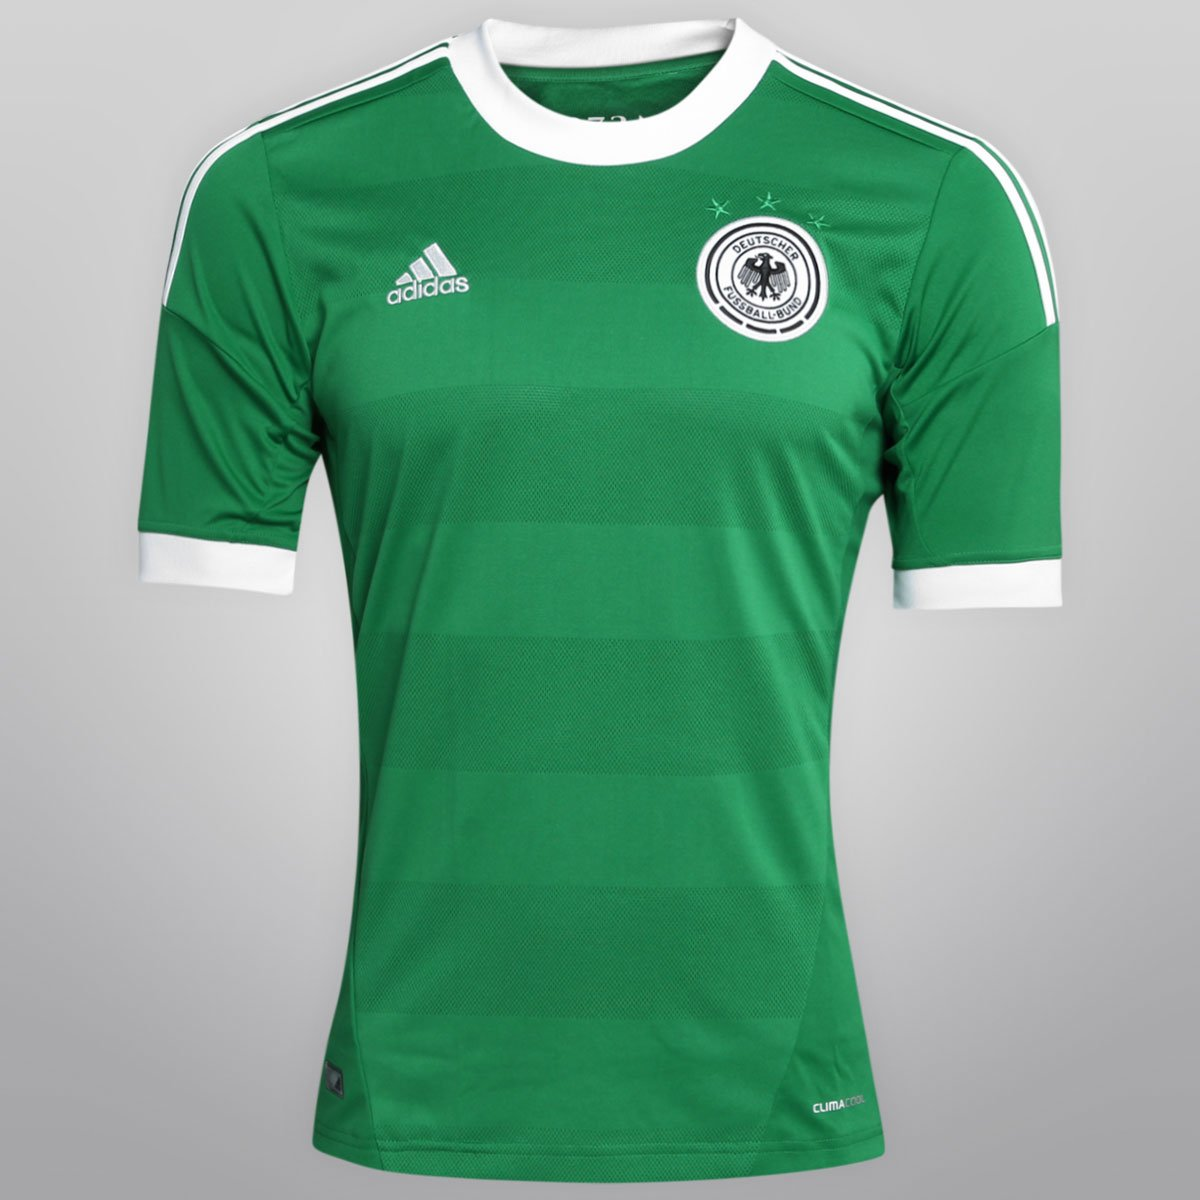 2a034489bd Camisa Adidas Seleção Alemanha Away 12 13 s nº - Compre Agora